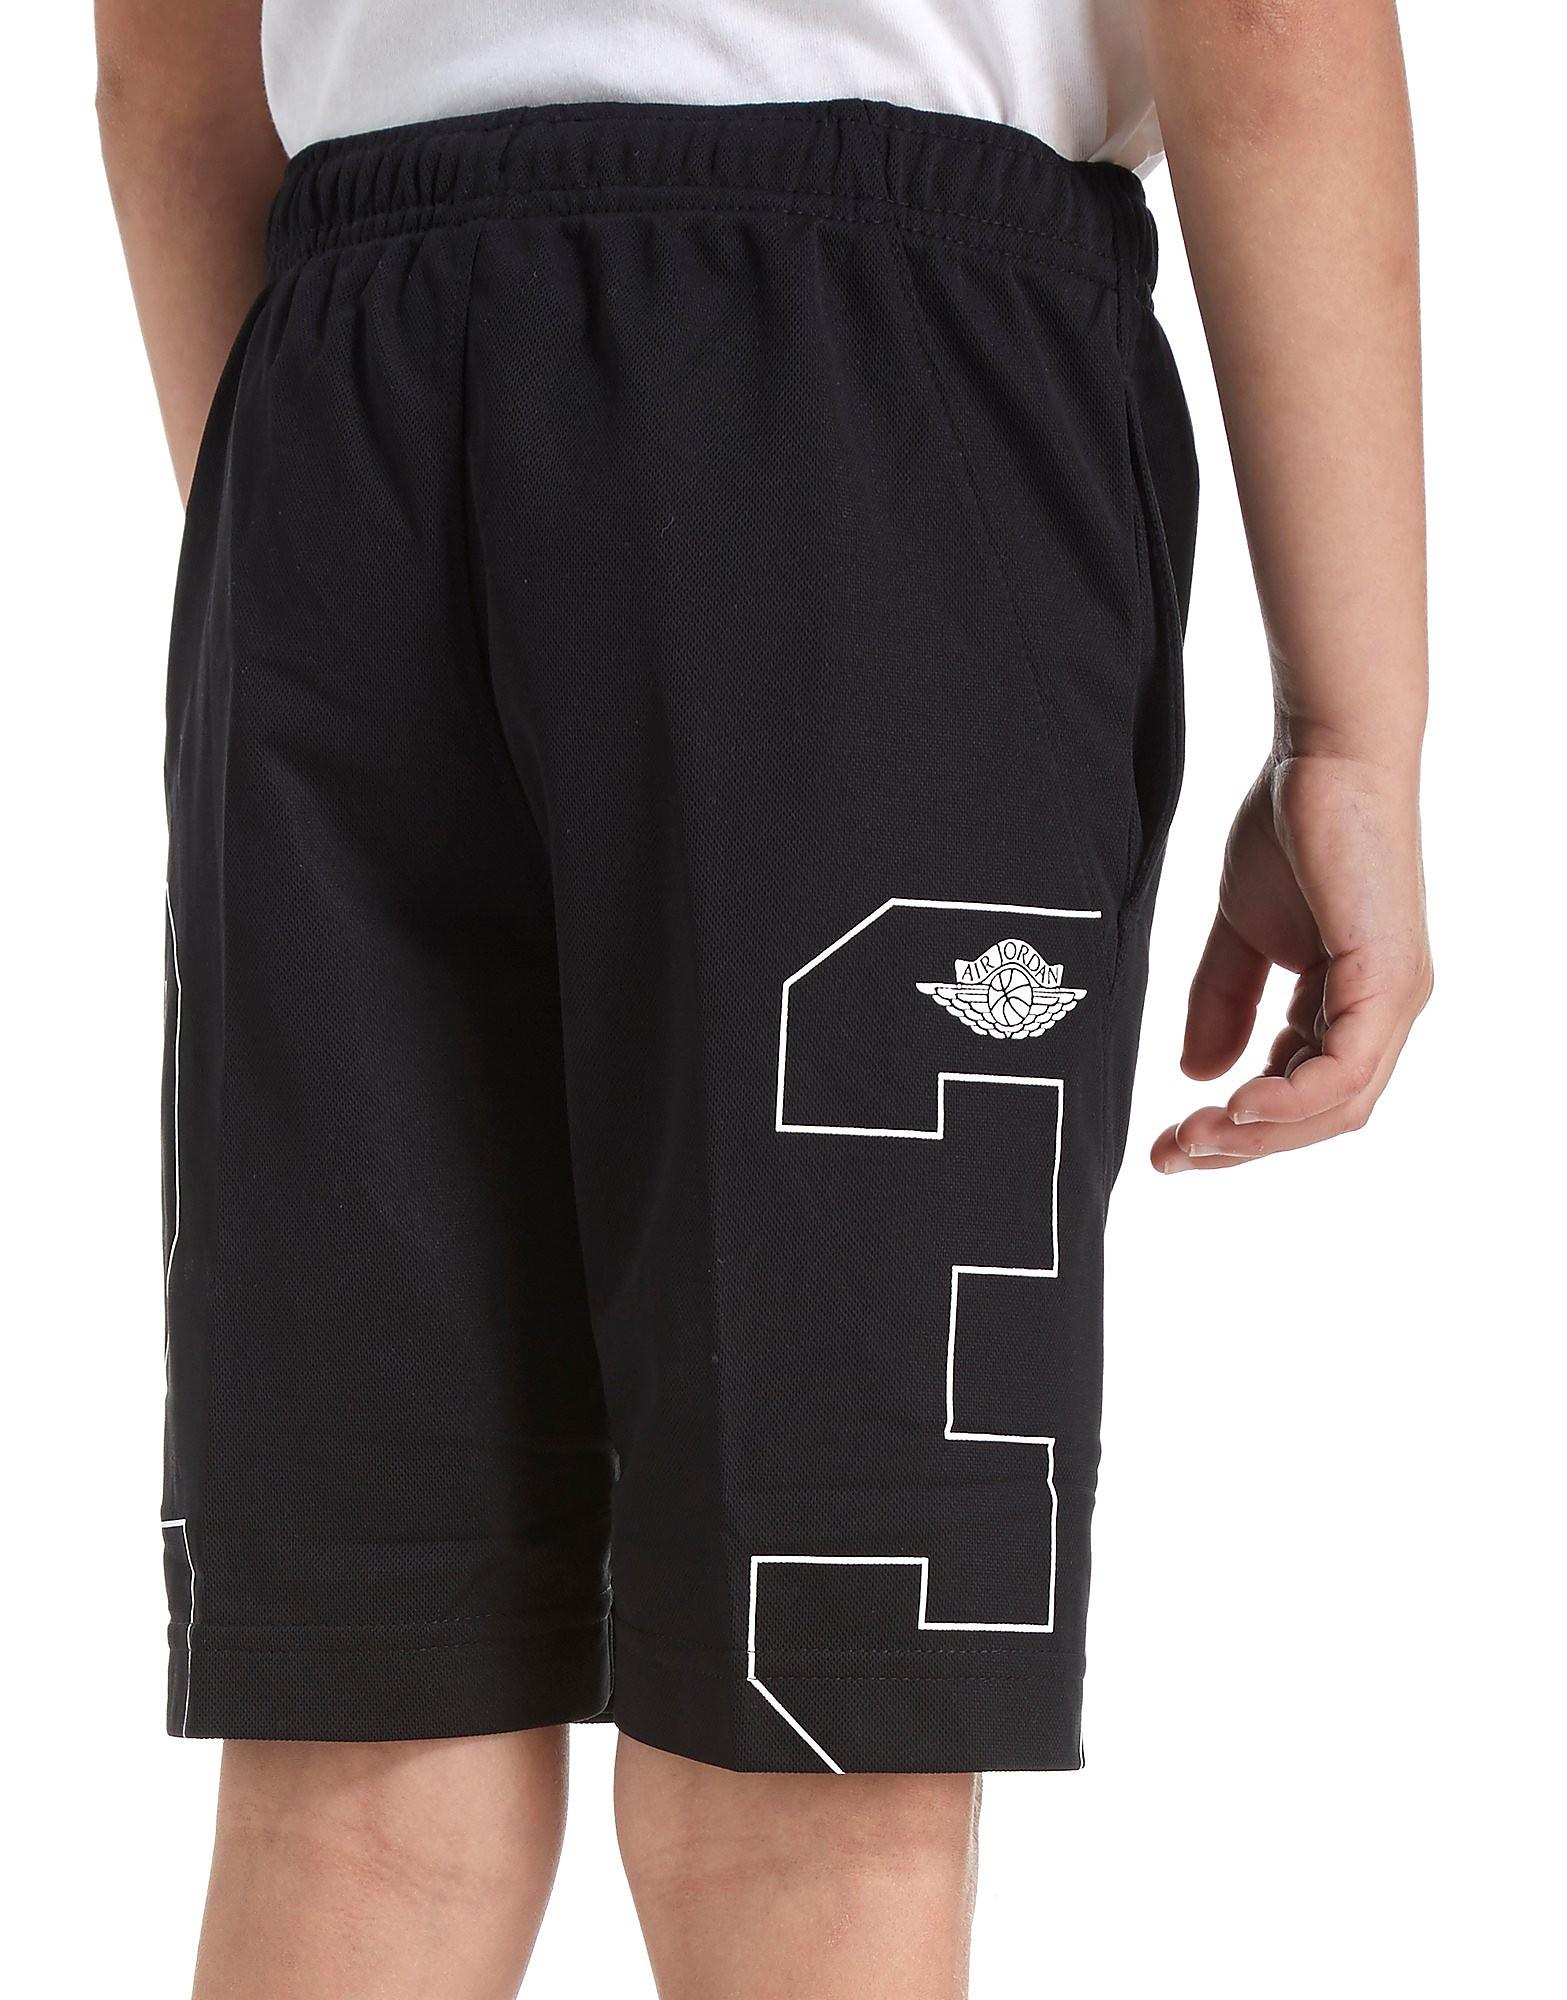 Jordan pantalón corto 23